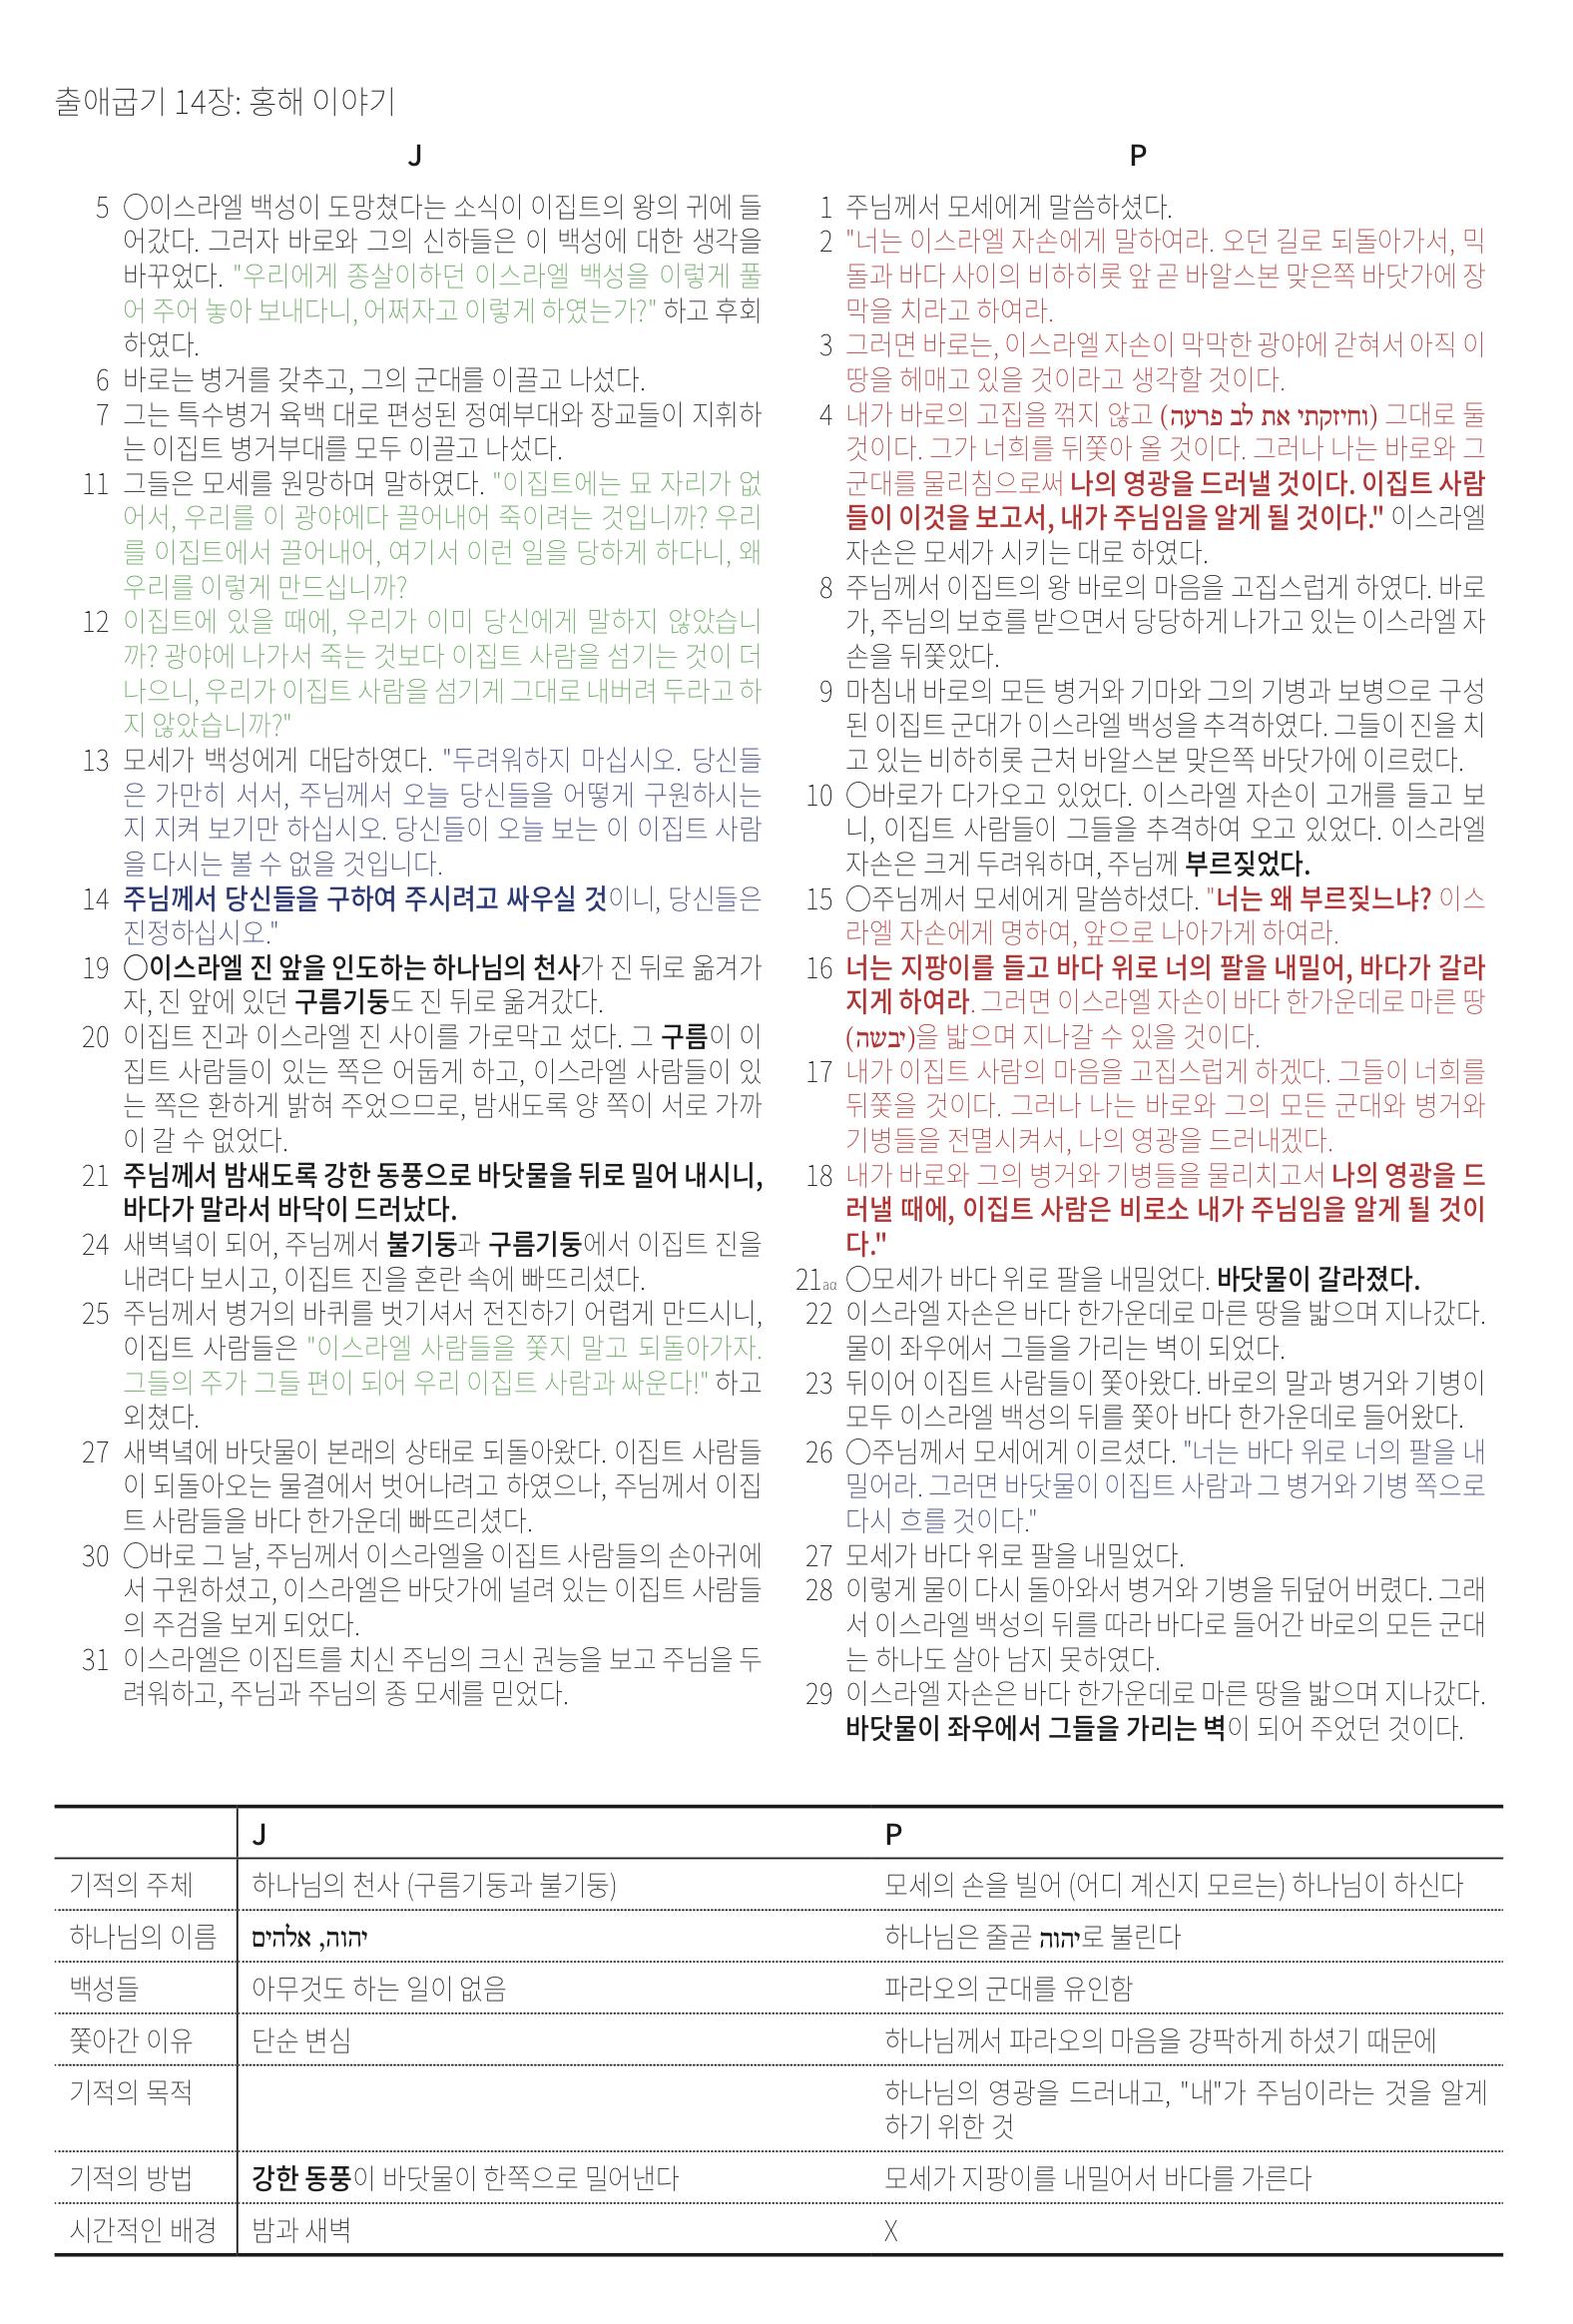 [팟캐스트 47-48화 참고자료] 출애굽기 18장까지